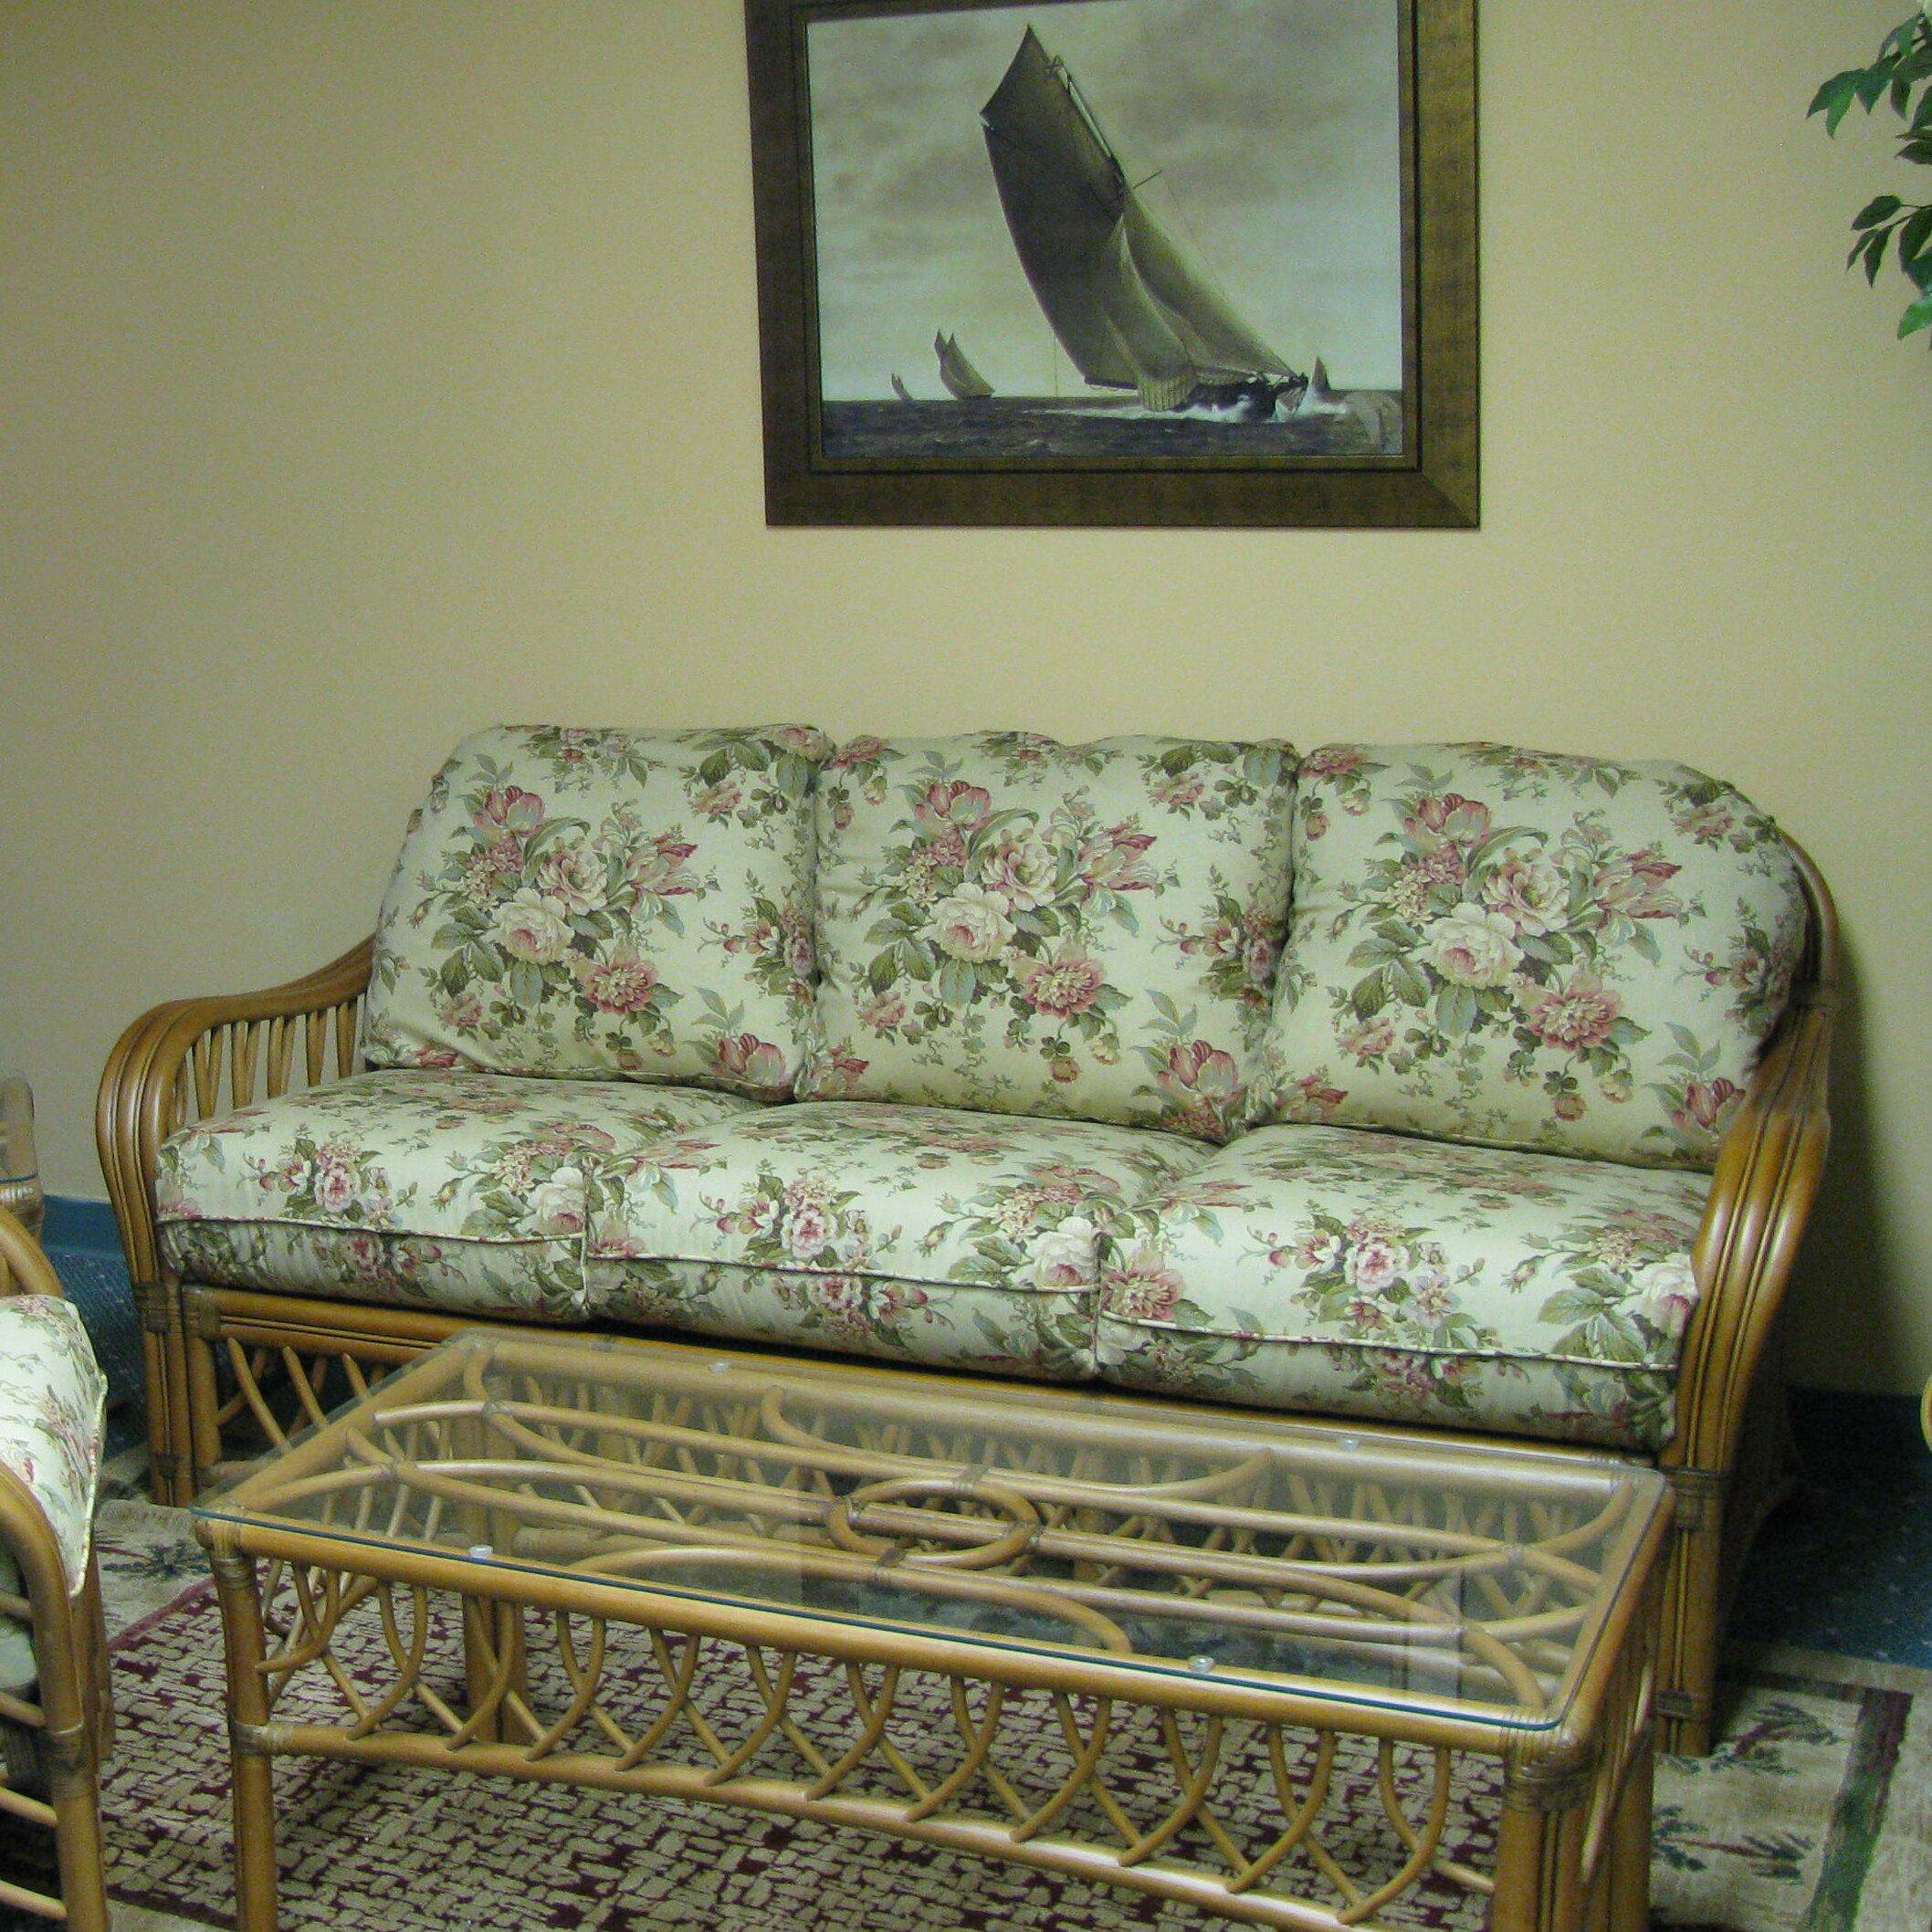 Spice islands montego bay 39 39 sofa reviews wayfair for Sofa bed jamaica